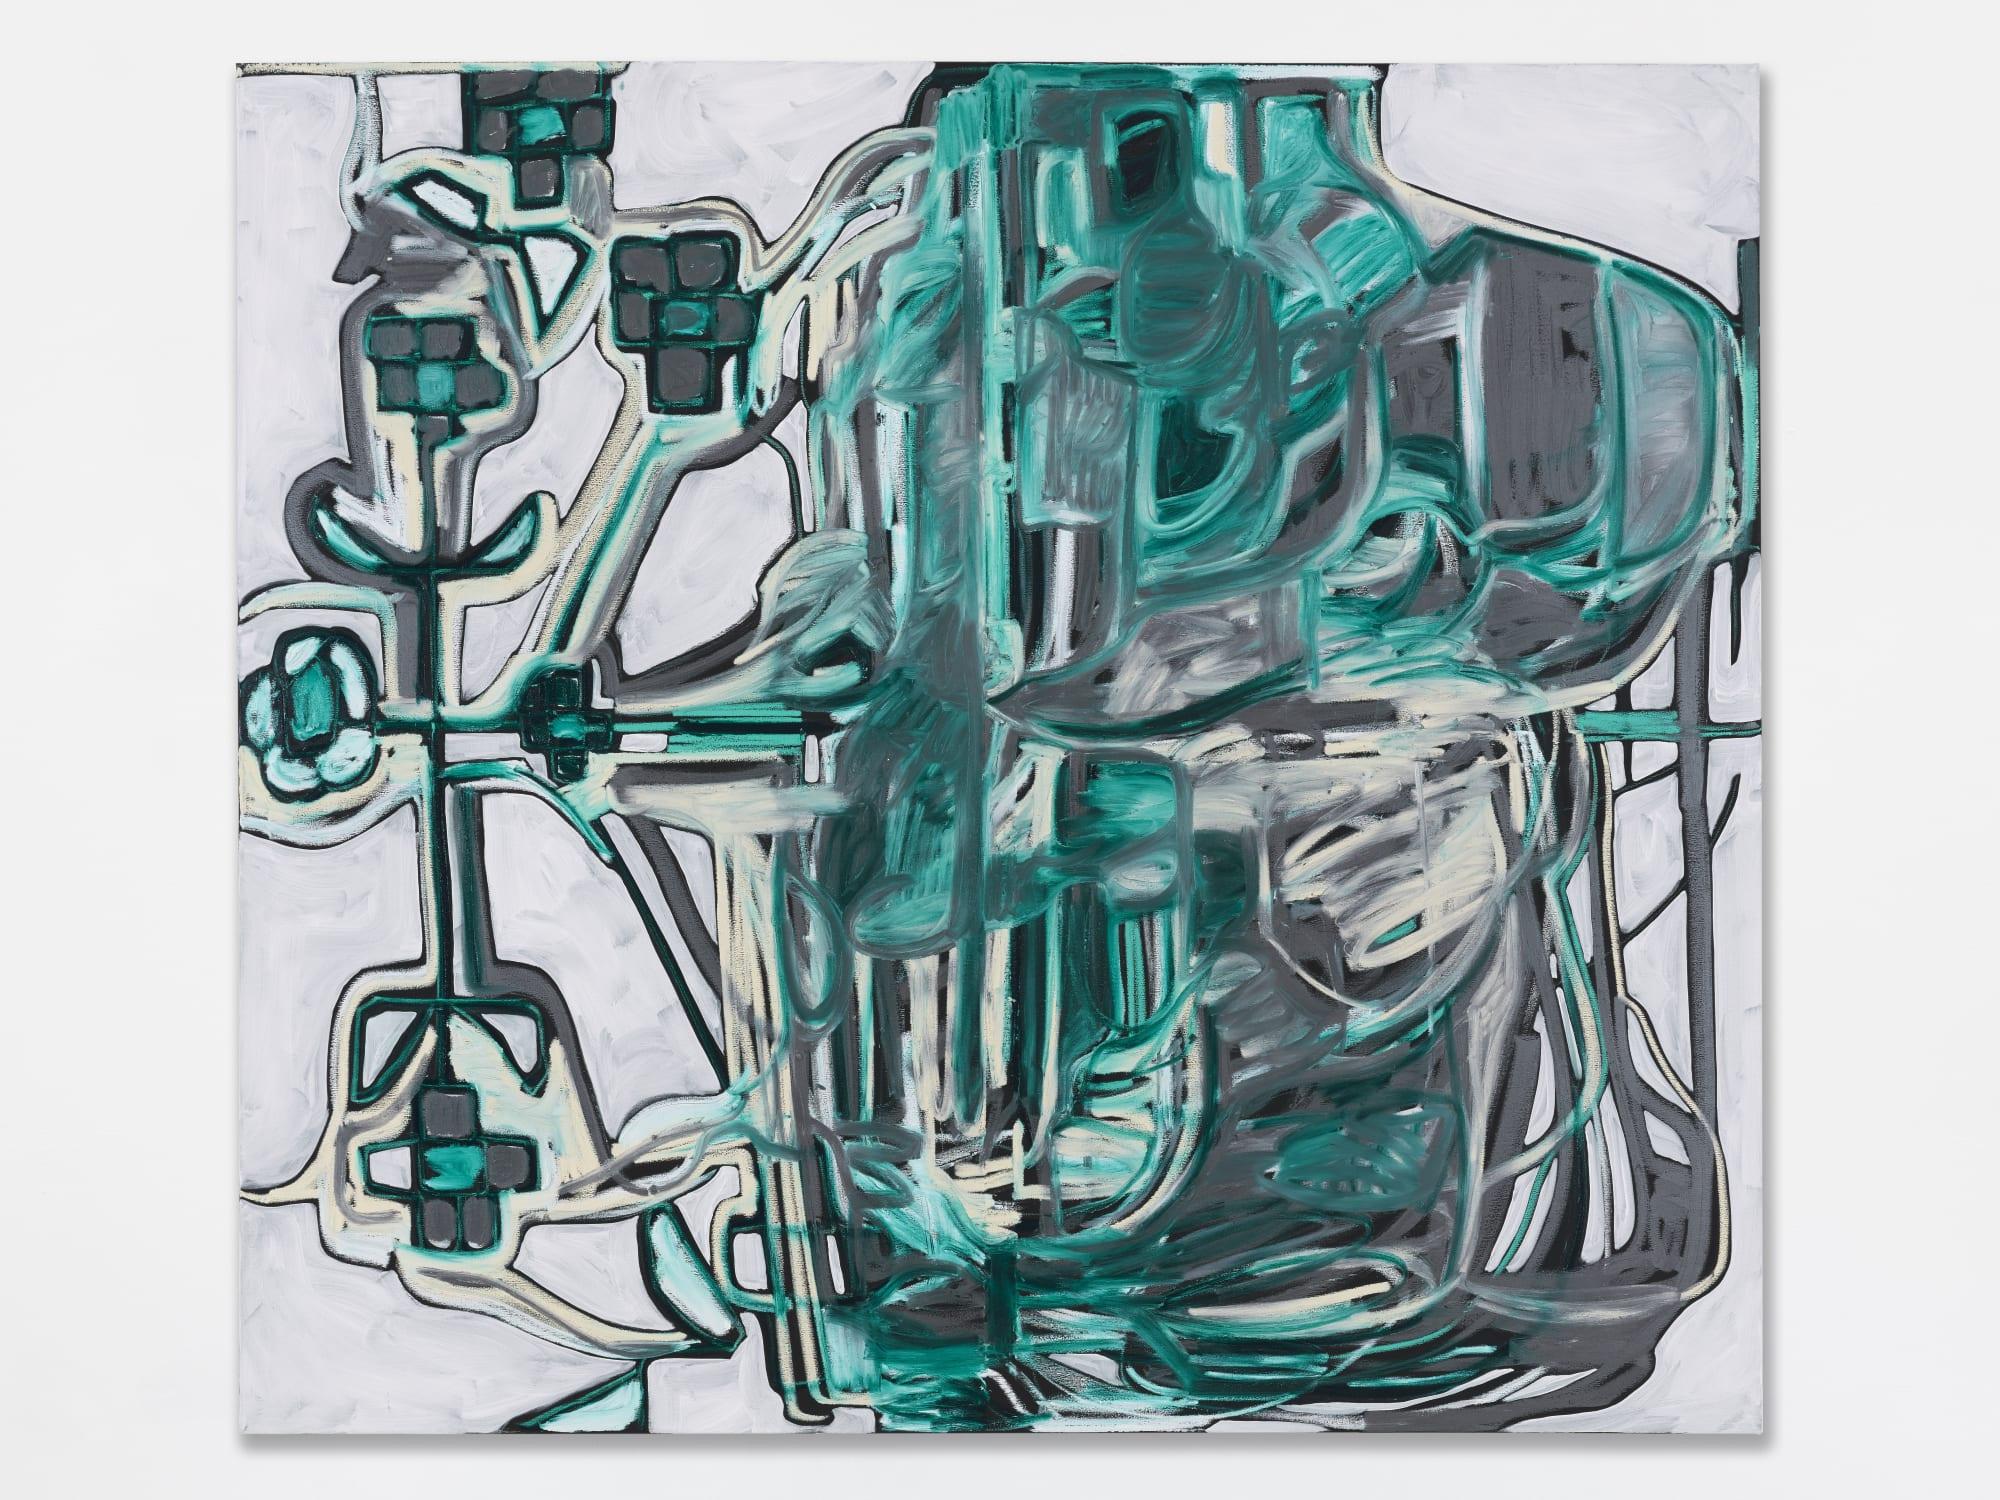 Melike Kara, k-23 Leaf and Blossom, 2020, Oil and acrylic on canvas, 180 x 200 cm